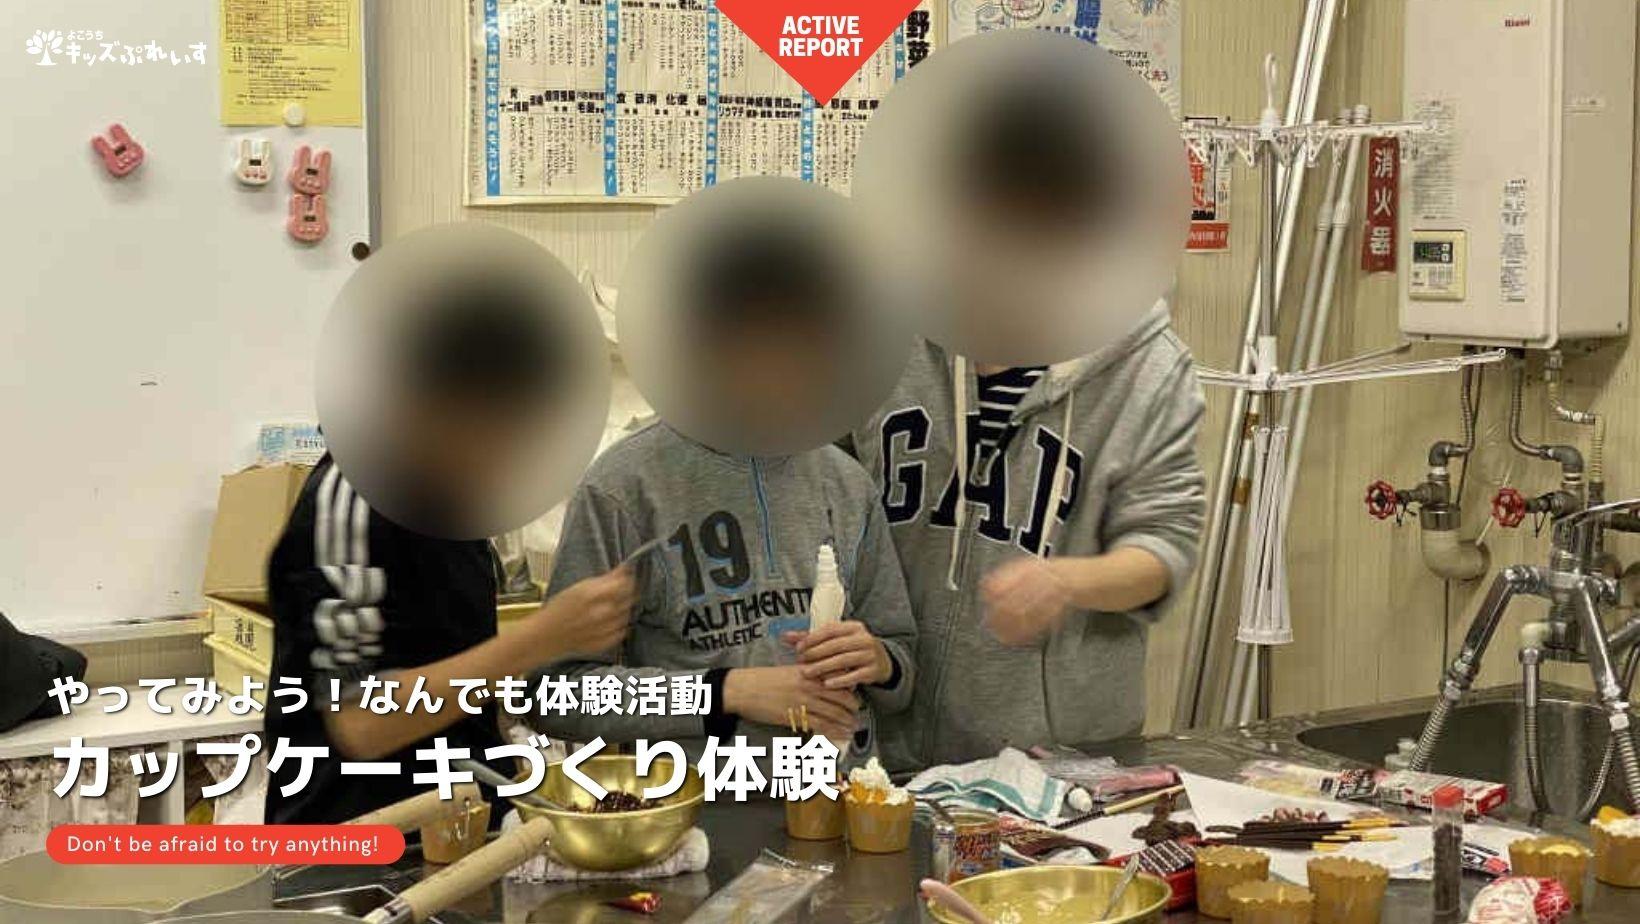 【活動報告】カップケーキづくり体験を実施/キッズぷれいすの子ども食堂